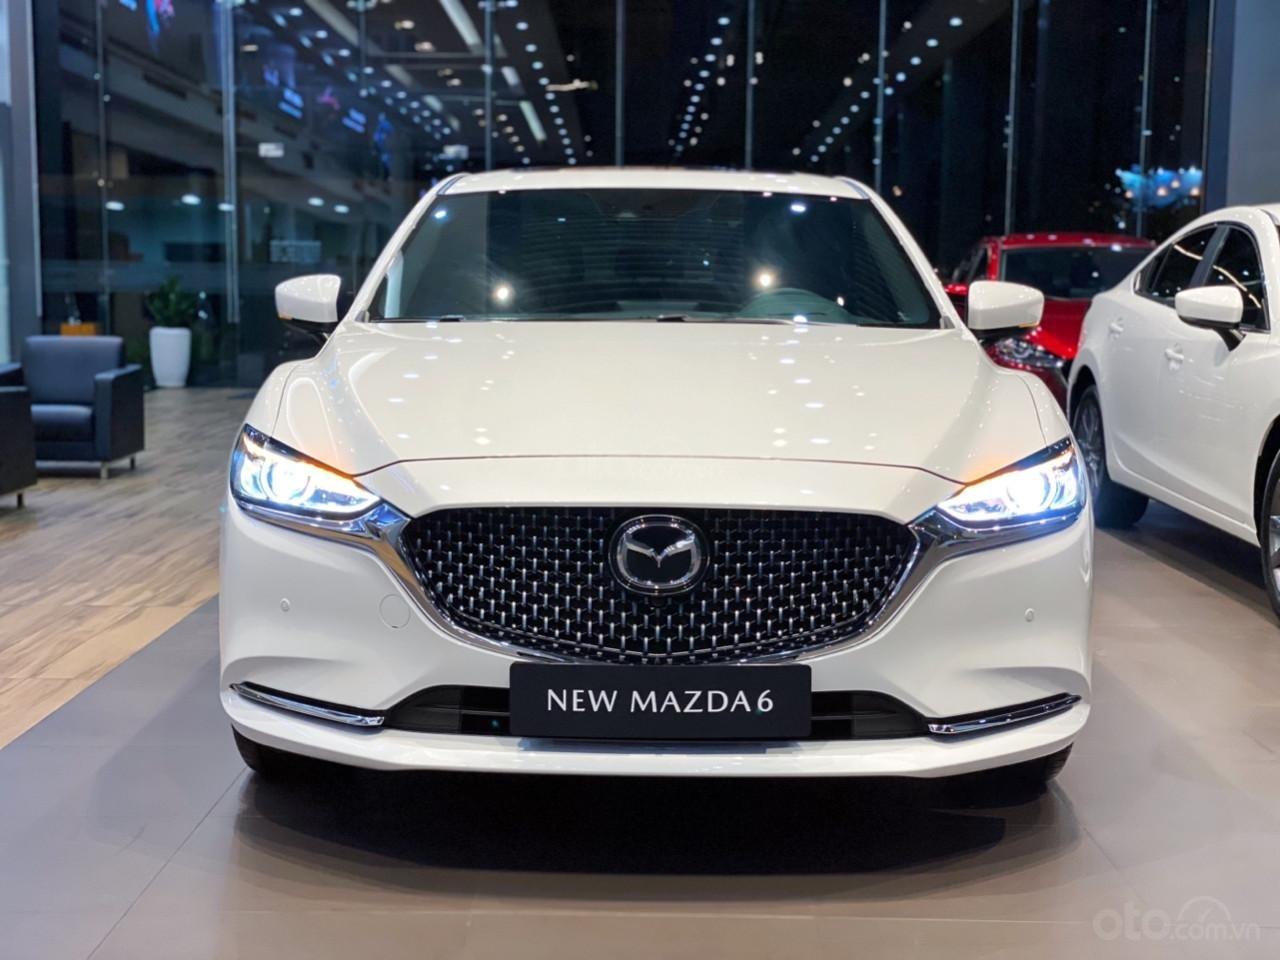 [Mazda Bình Tân - HCM] New Mazda 6 2020, giảm đến 20tr tiền mặt, tặng bộ phụ kiện chính hãng (1)